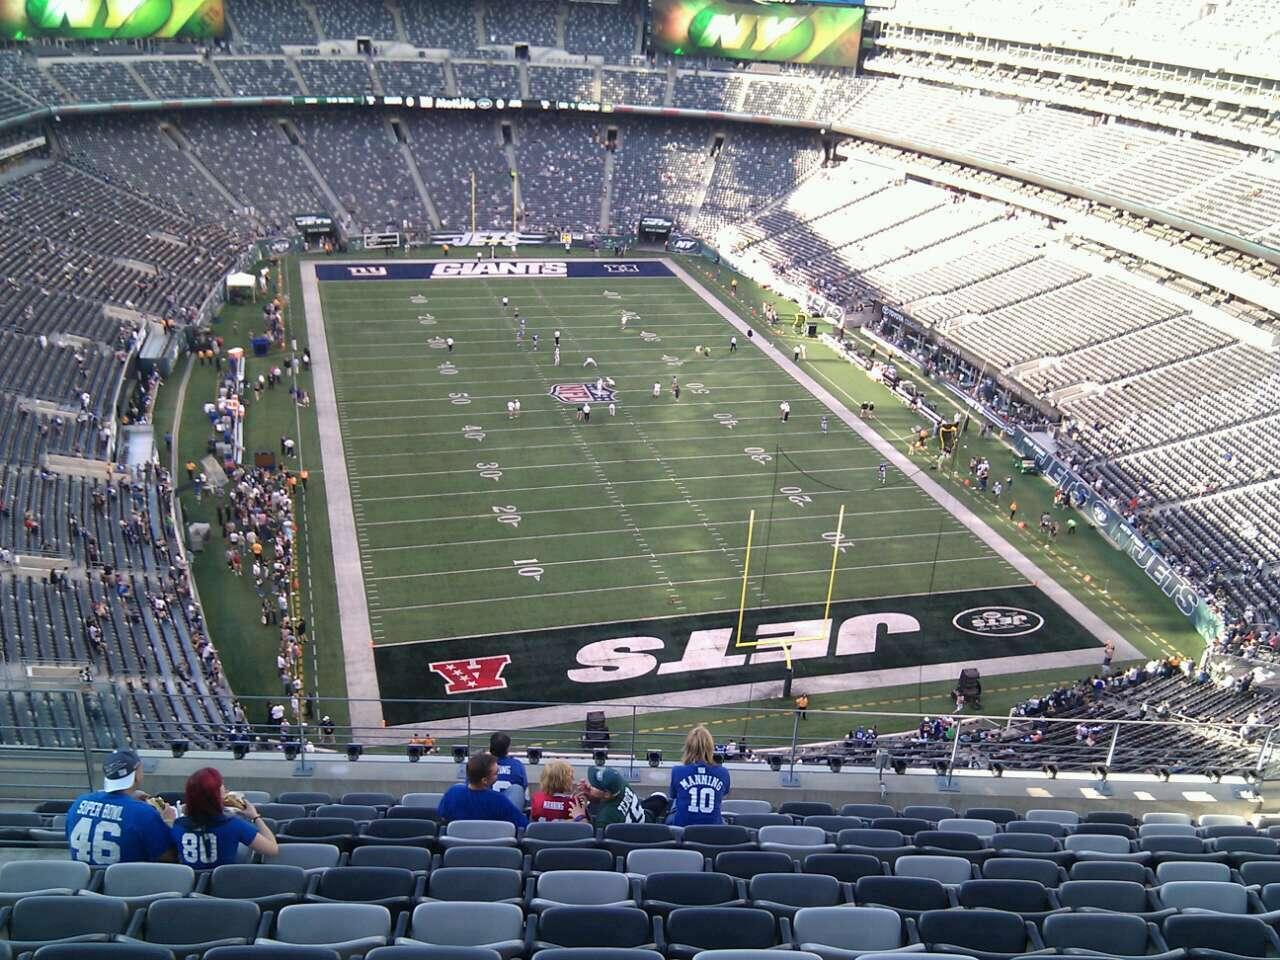 MetLife Stadium Section 328 - Giants/Jets - RateYourSeats.com